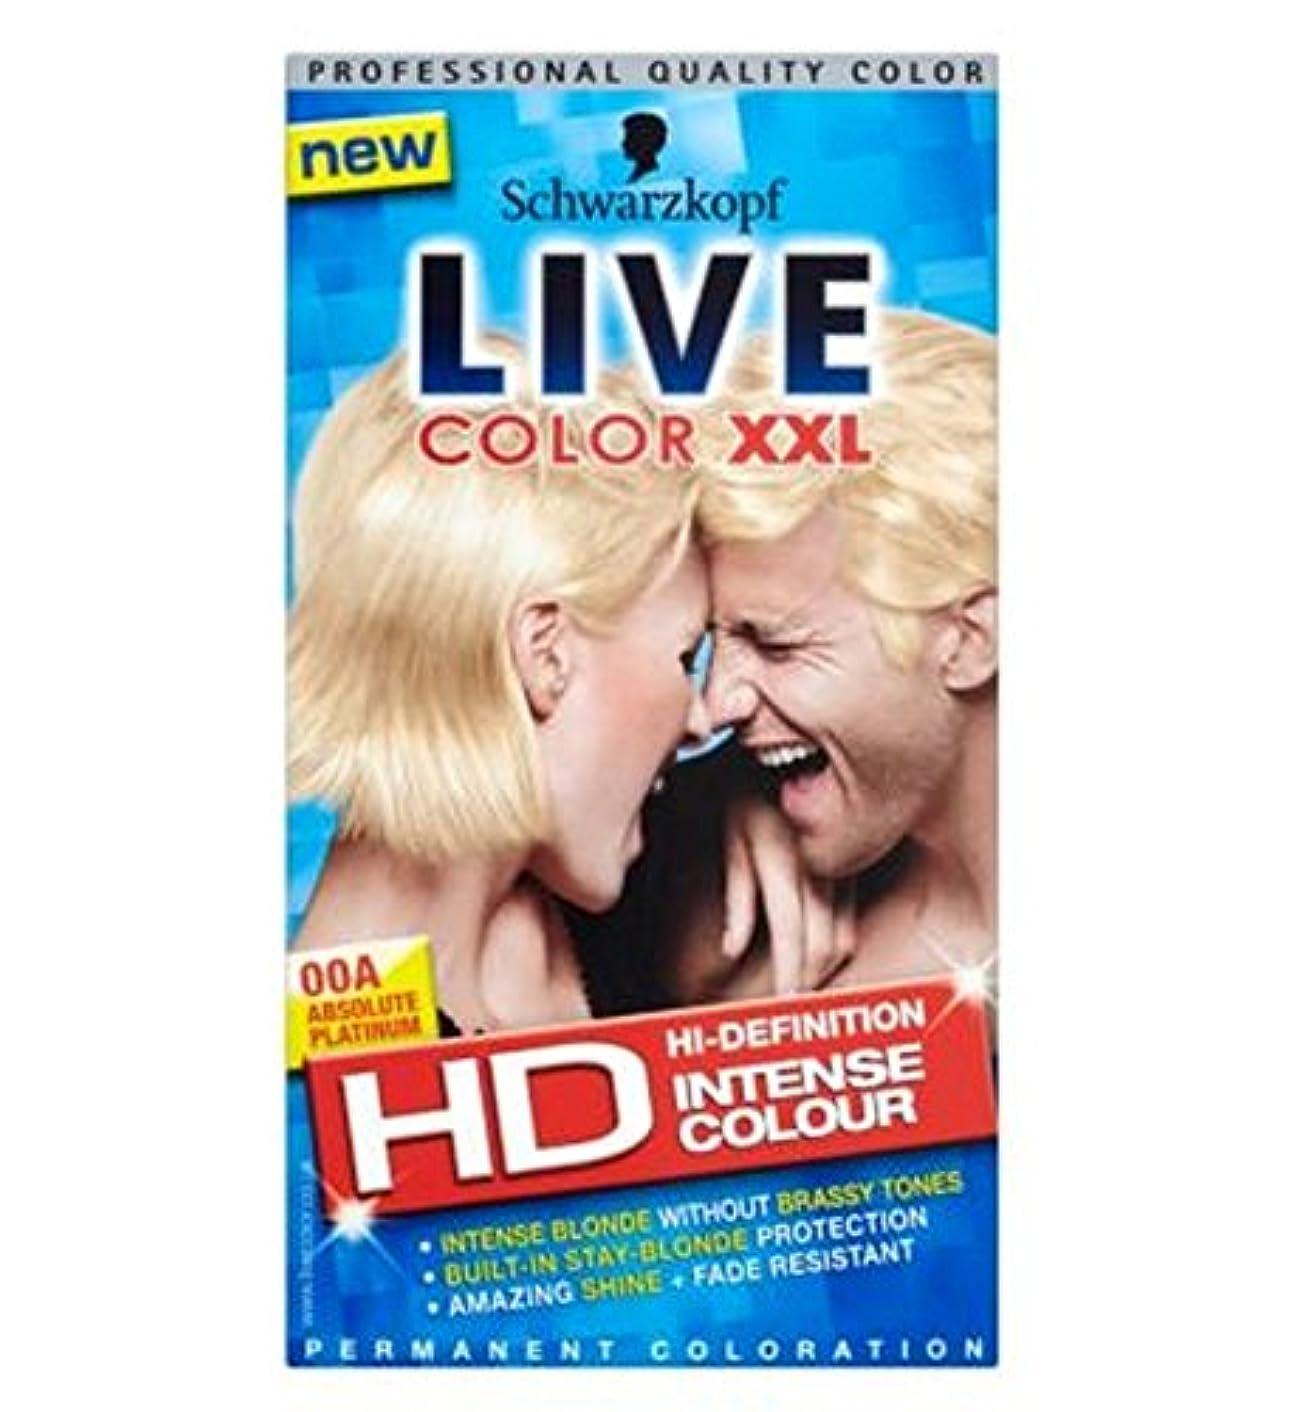 ベアリングモーテル半導体Schwarzkopf LIVE Color XXL HD 00A Absolute Platinum Permanent Blonde Hair Dye - シュワルツコフライブカラーXxlハイビジョン00A絶対プラチナ永久ブロンドの髪の染料 (Schwarzkopf) [並行輸入品]